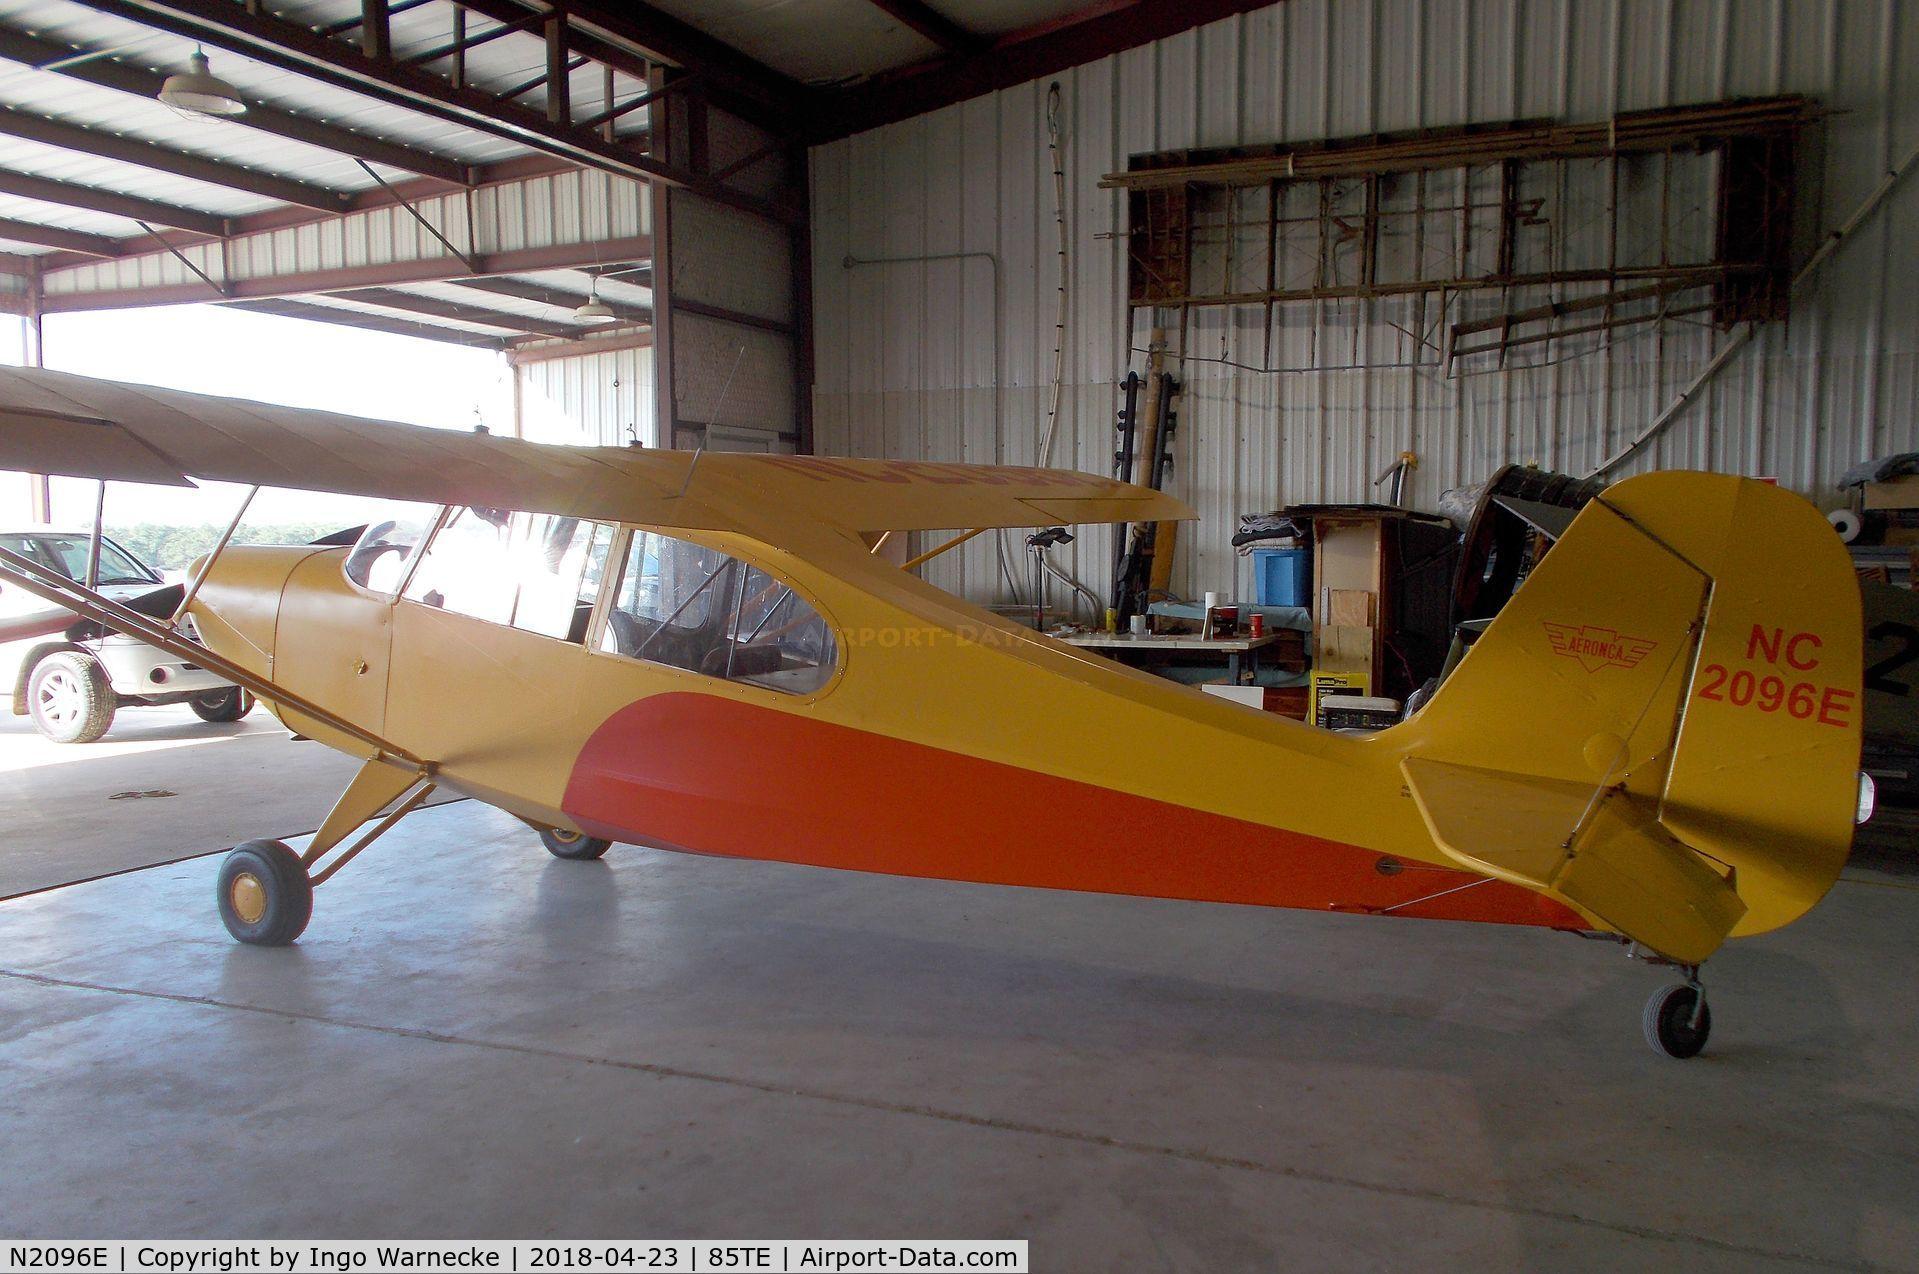 N2096E, 1946 Aeronca 7AC Champion C/N 7AC-5666, Aeronca 7AC Champion at the Pioneer Flight Museum, Kingsbury TX